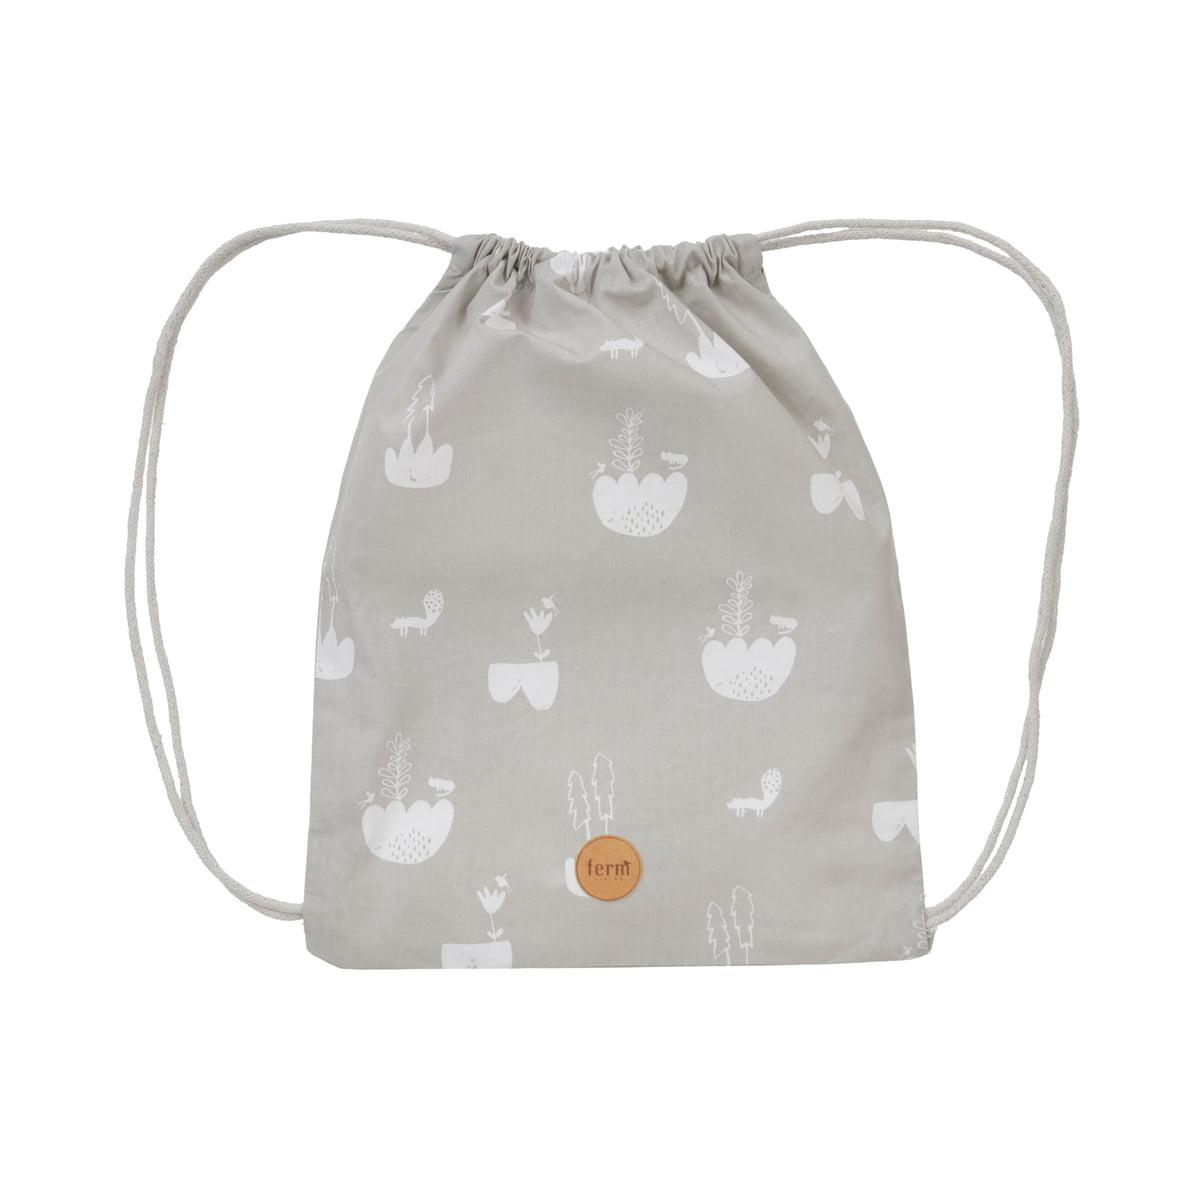 52d10e646659e5 Gym Bags for Children by ferm Living | Connox